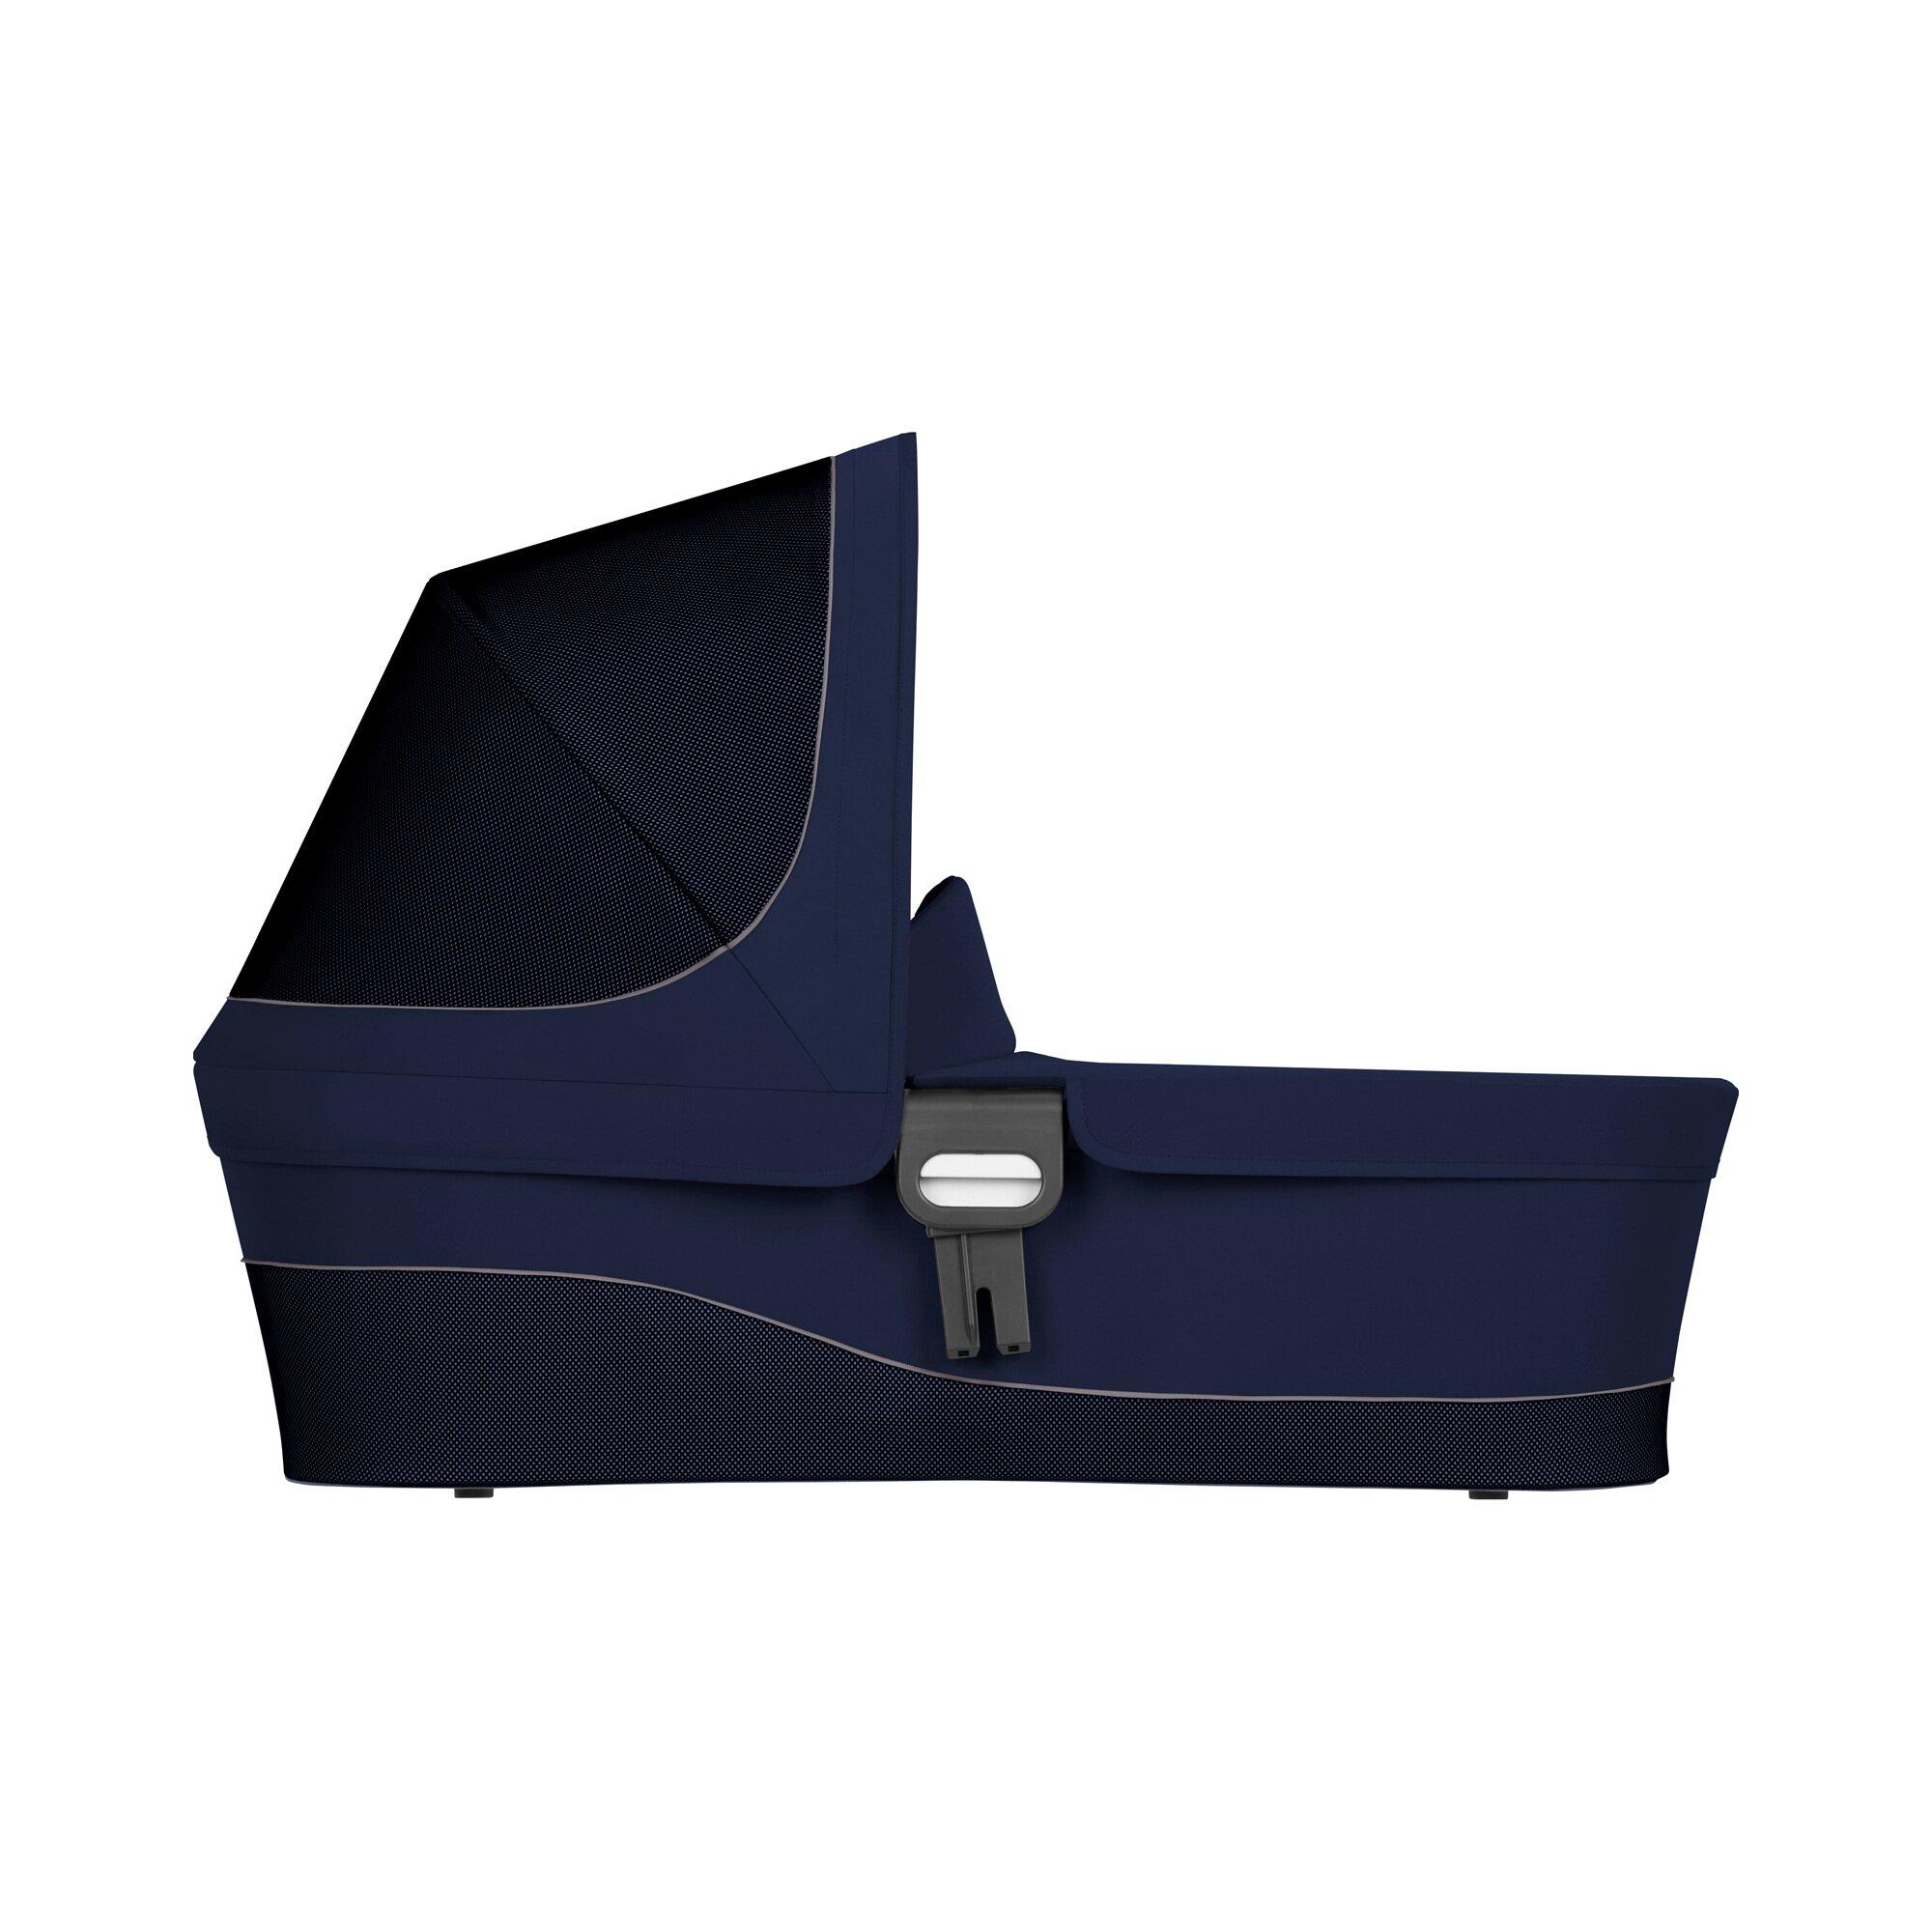 gold-kinderwagenaufsatz-m-fur-iris-m-air-balios-m-agis-m-air3-agis-m-air4-design-2018-blau